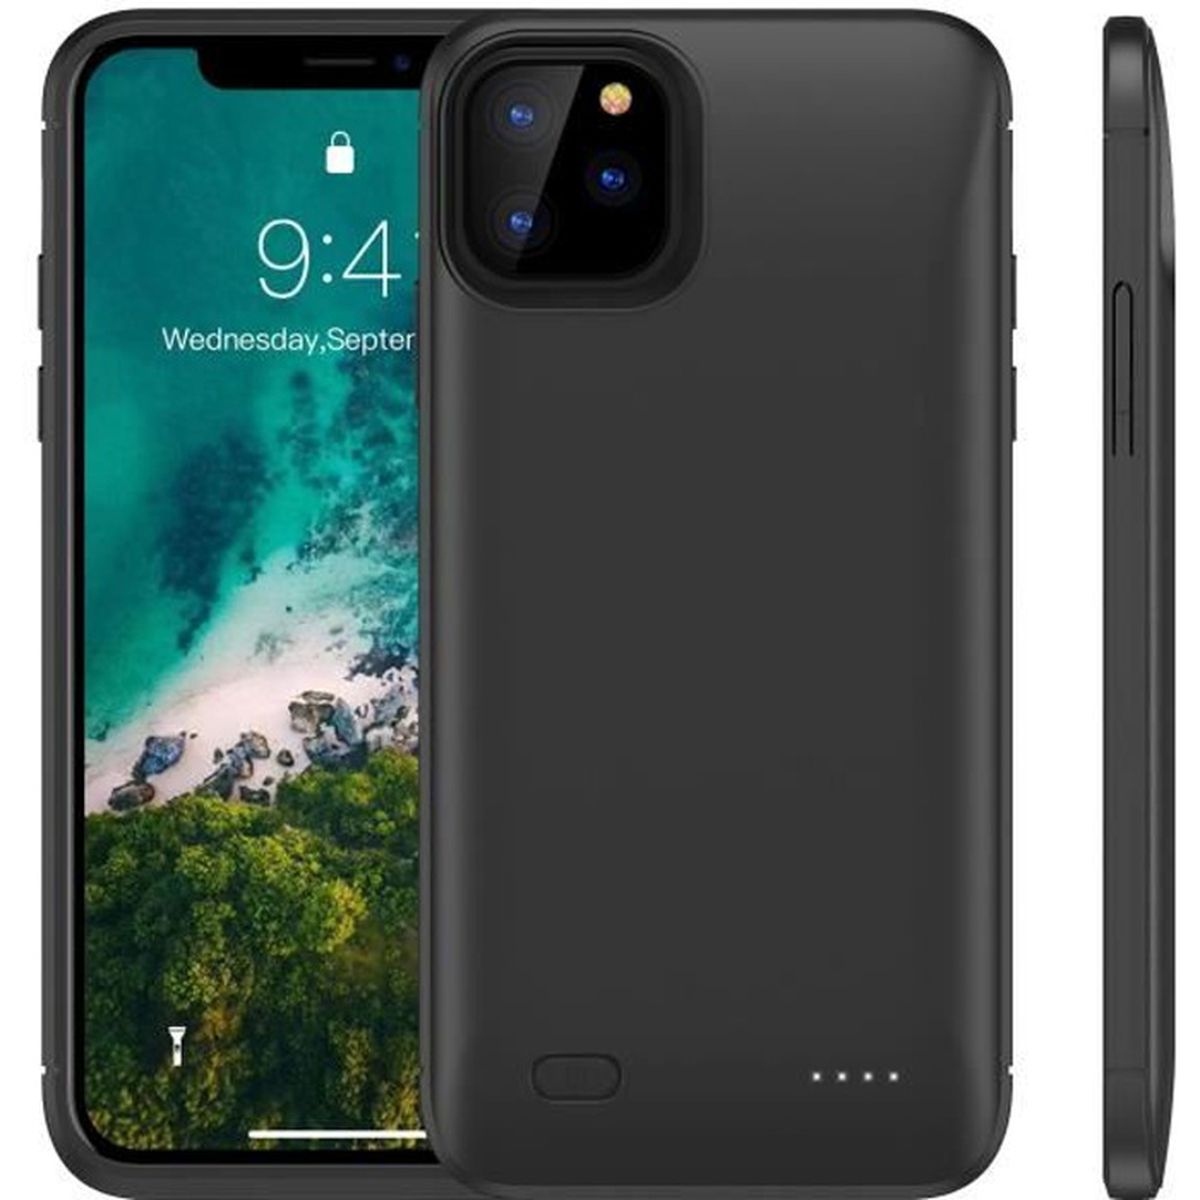 Coque Batterie pour iPhone 11 Pro Max 6.5 Inch 6200mAh Externe Portable Banque de puissance /Étui de Chargeur de batterie /étendu Rechargeable de secours Compatible avec iPhone 11 Pro Max 6.5 Inch Noir